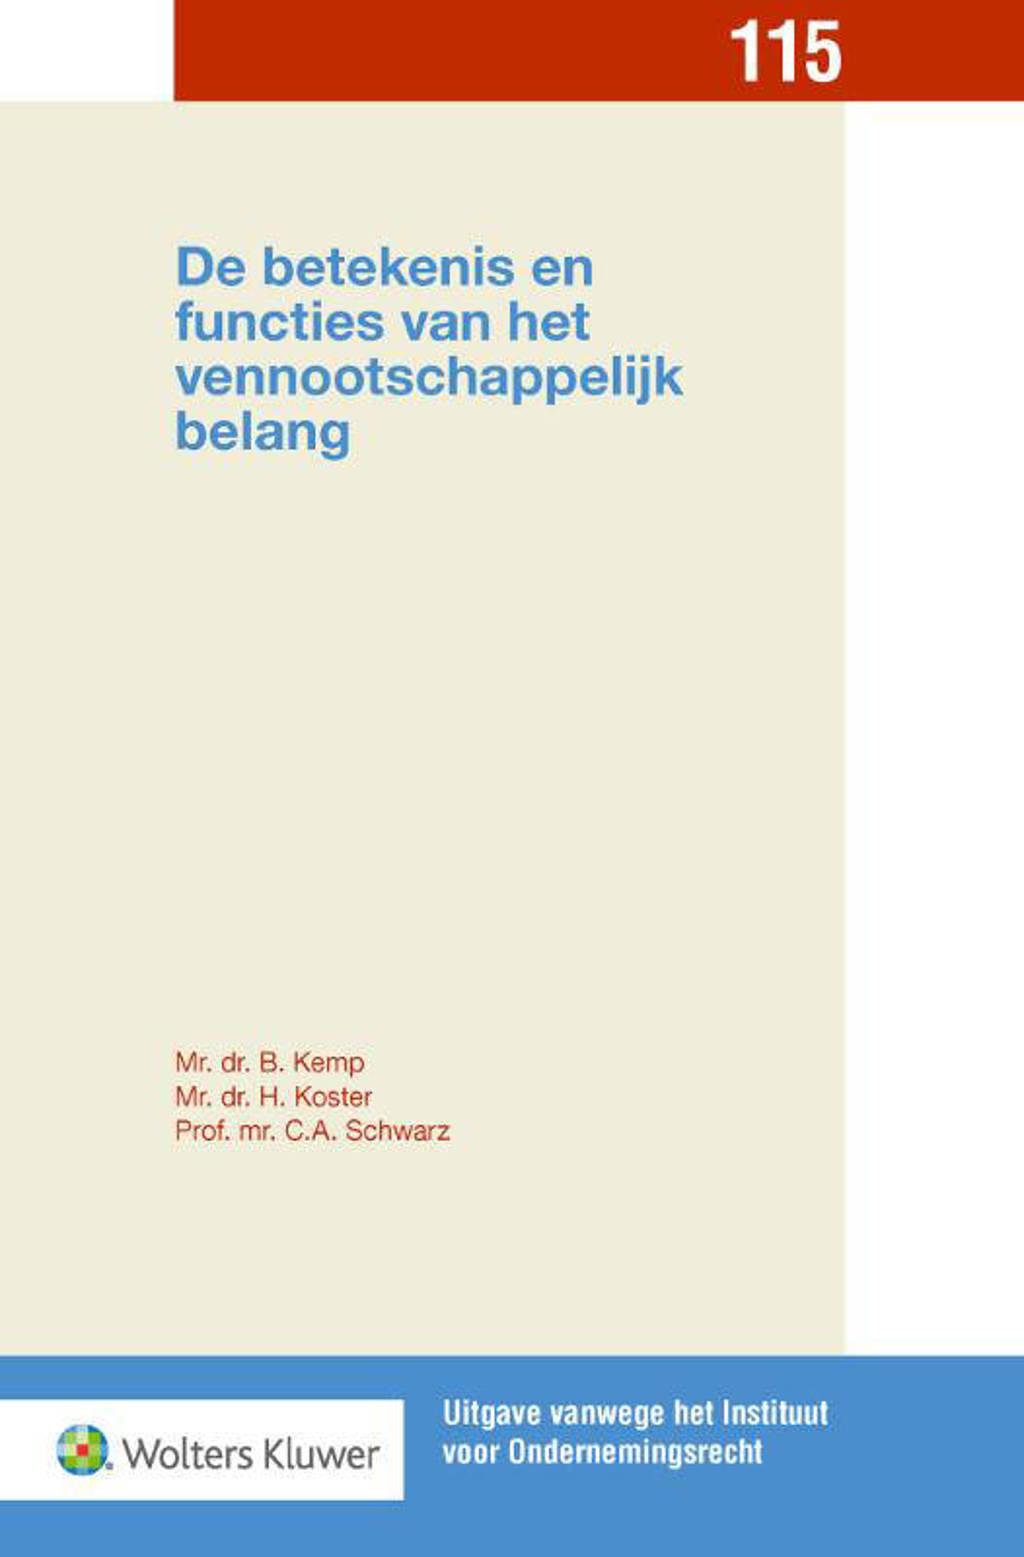 Uitgave vanwege het Instituut voor Ondernemingsrecht: De betekenis en functies van het vennootschappelijk belang